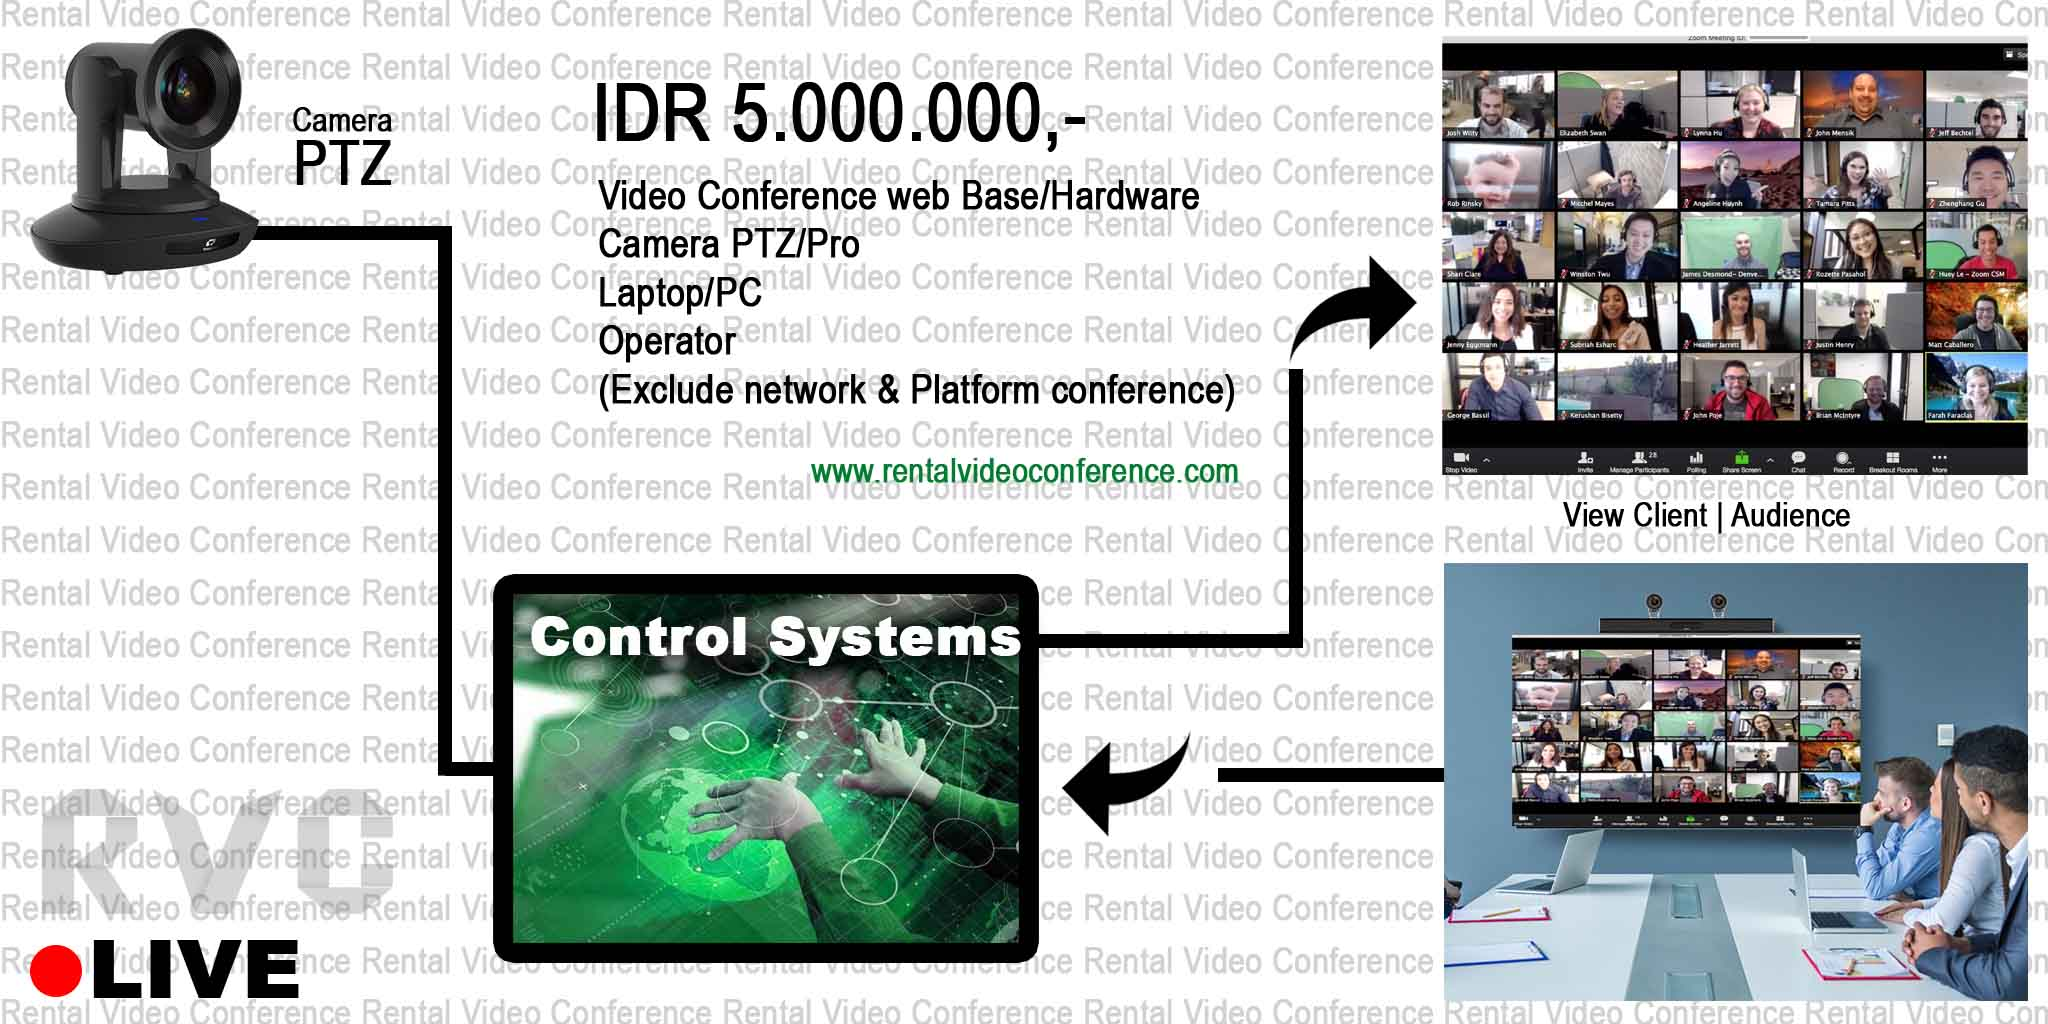 Paket sewa rental video conference perhari copy